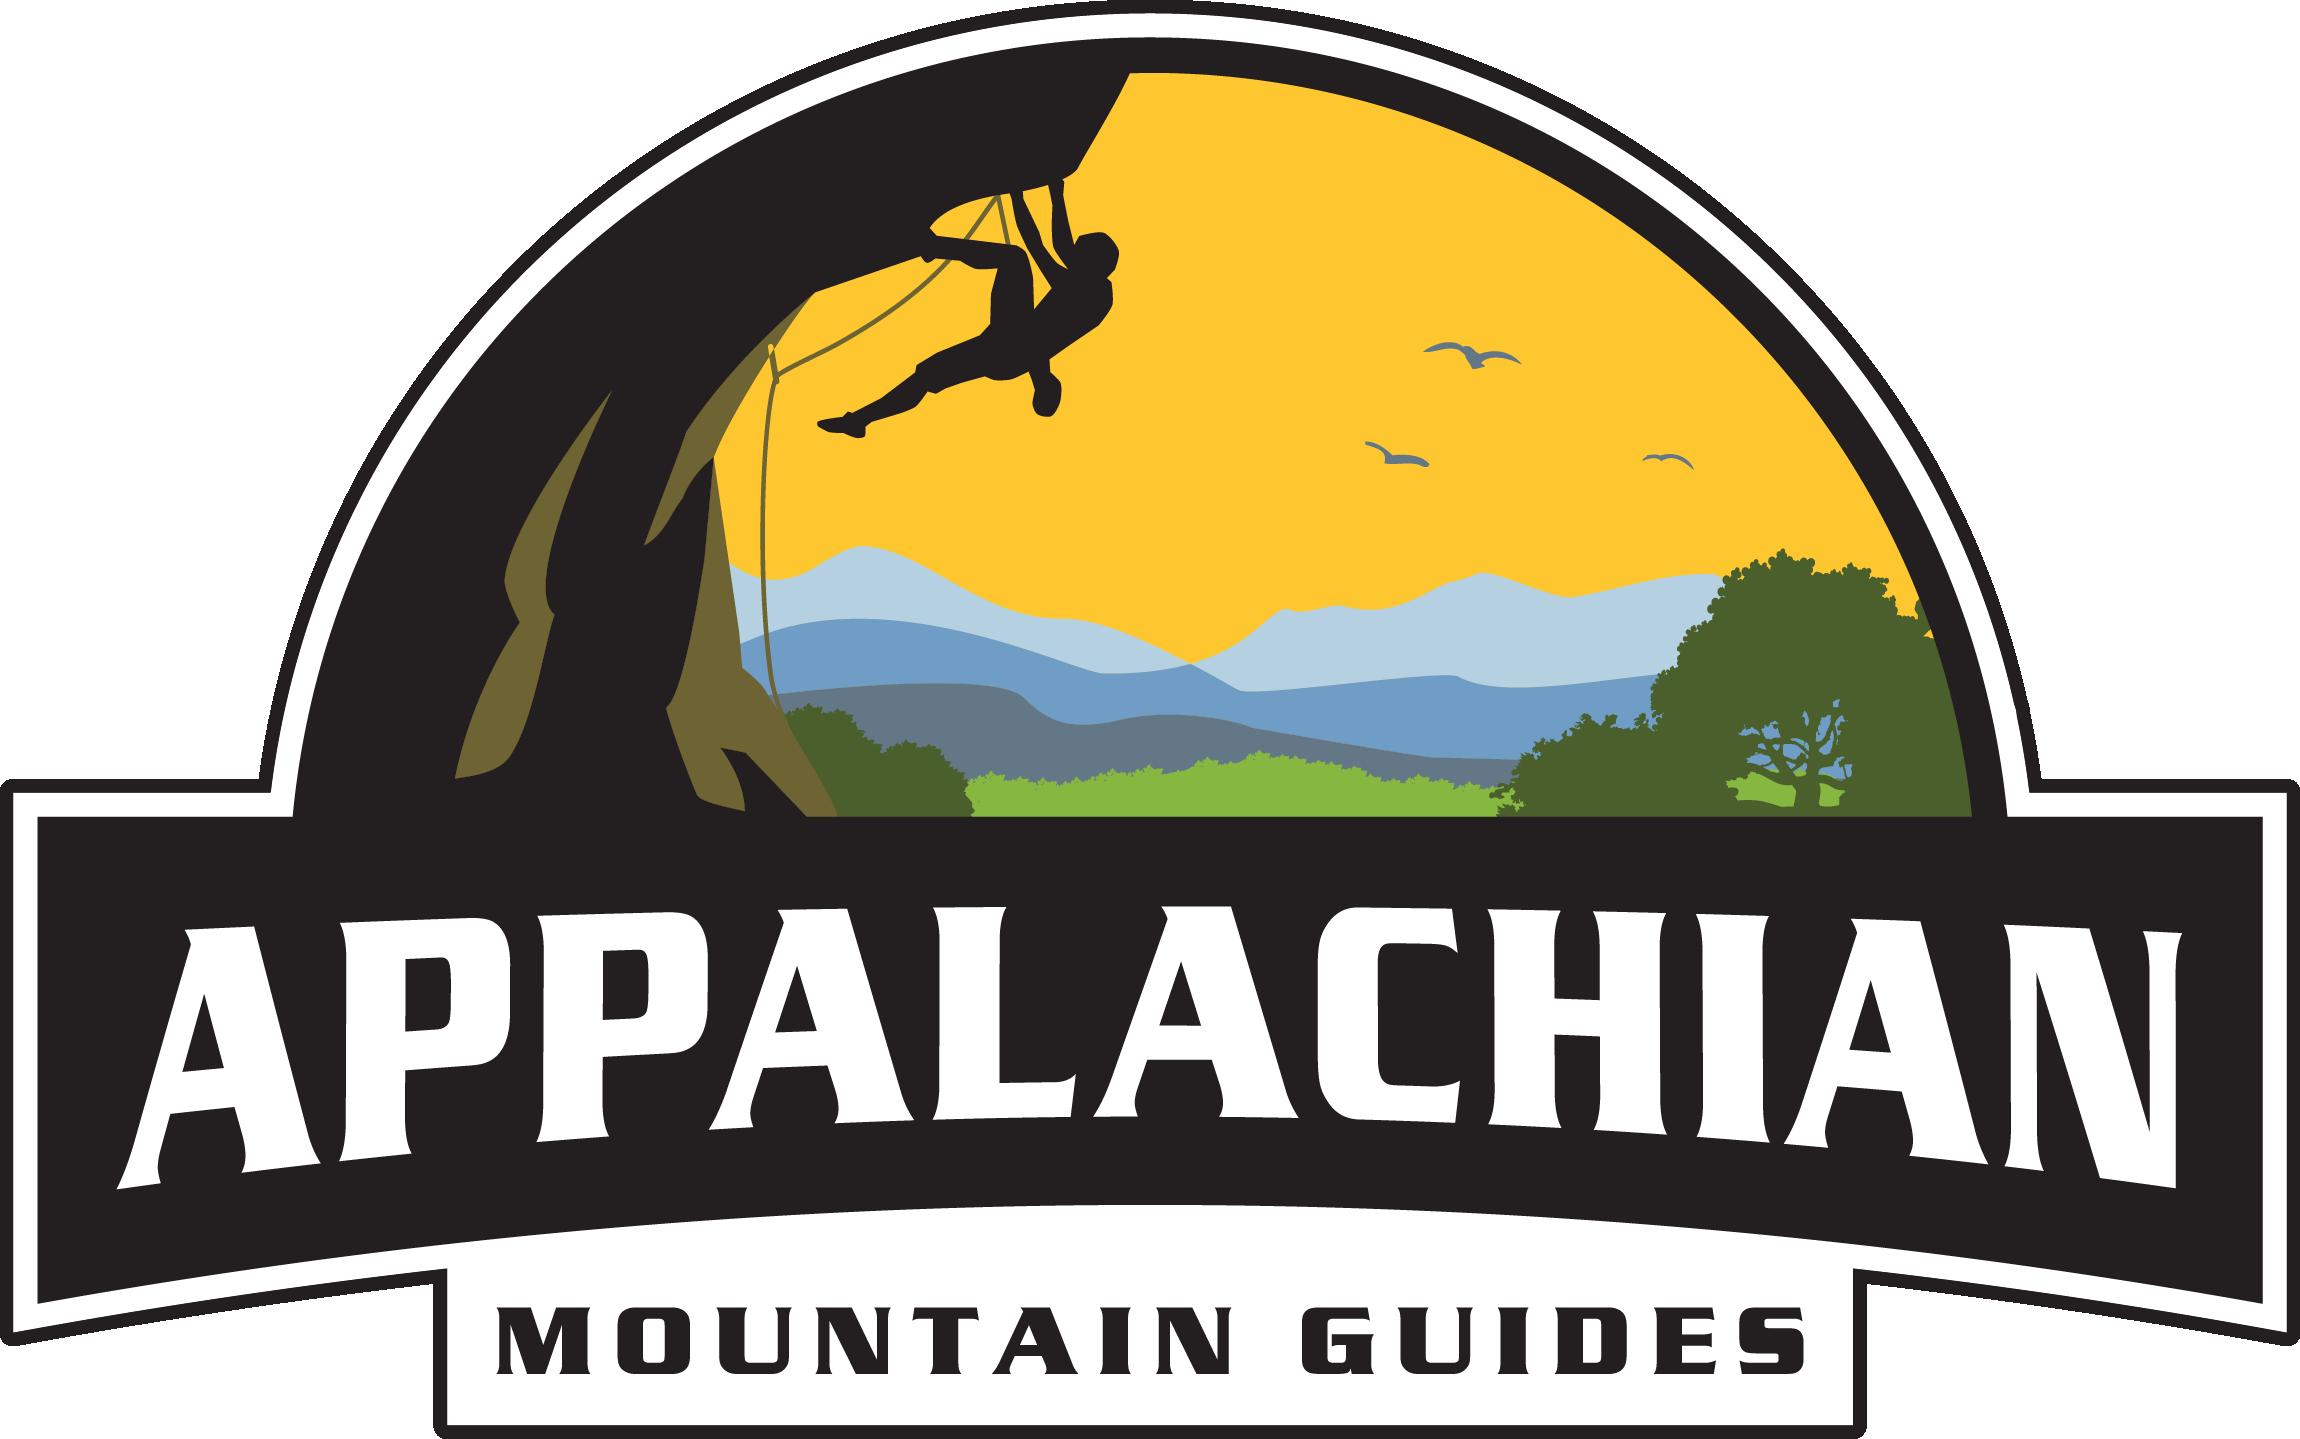 Rock climbing guiding company needs attractive logo!